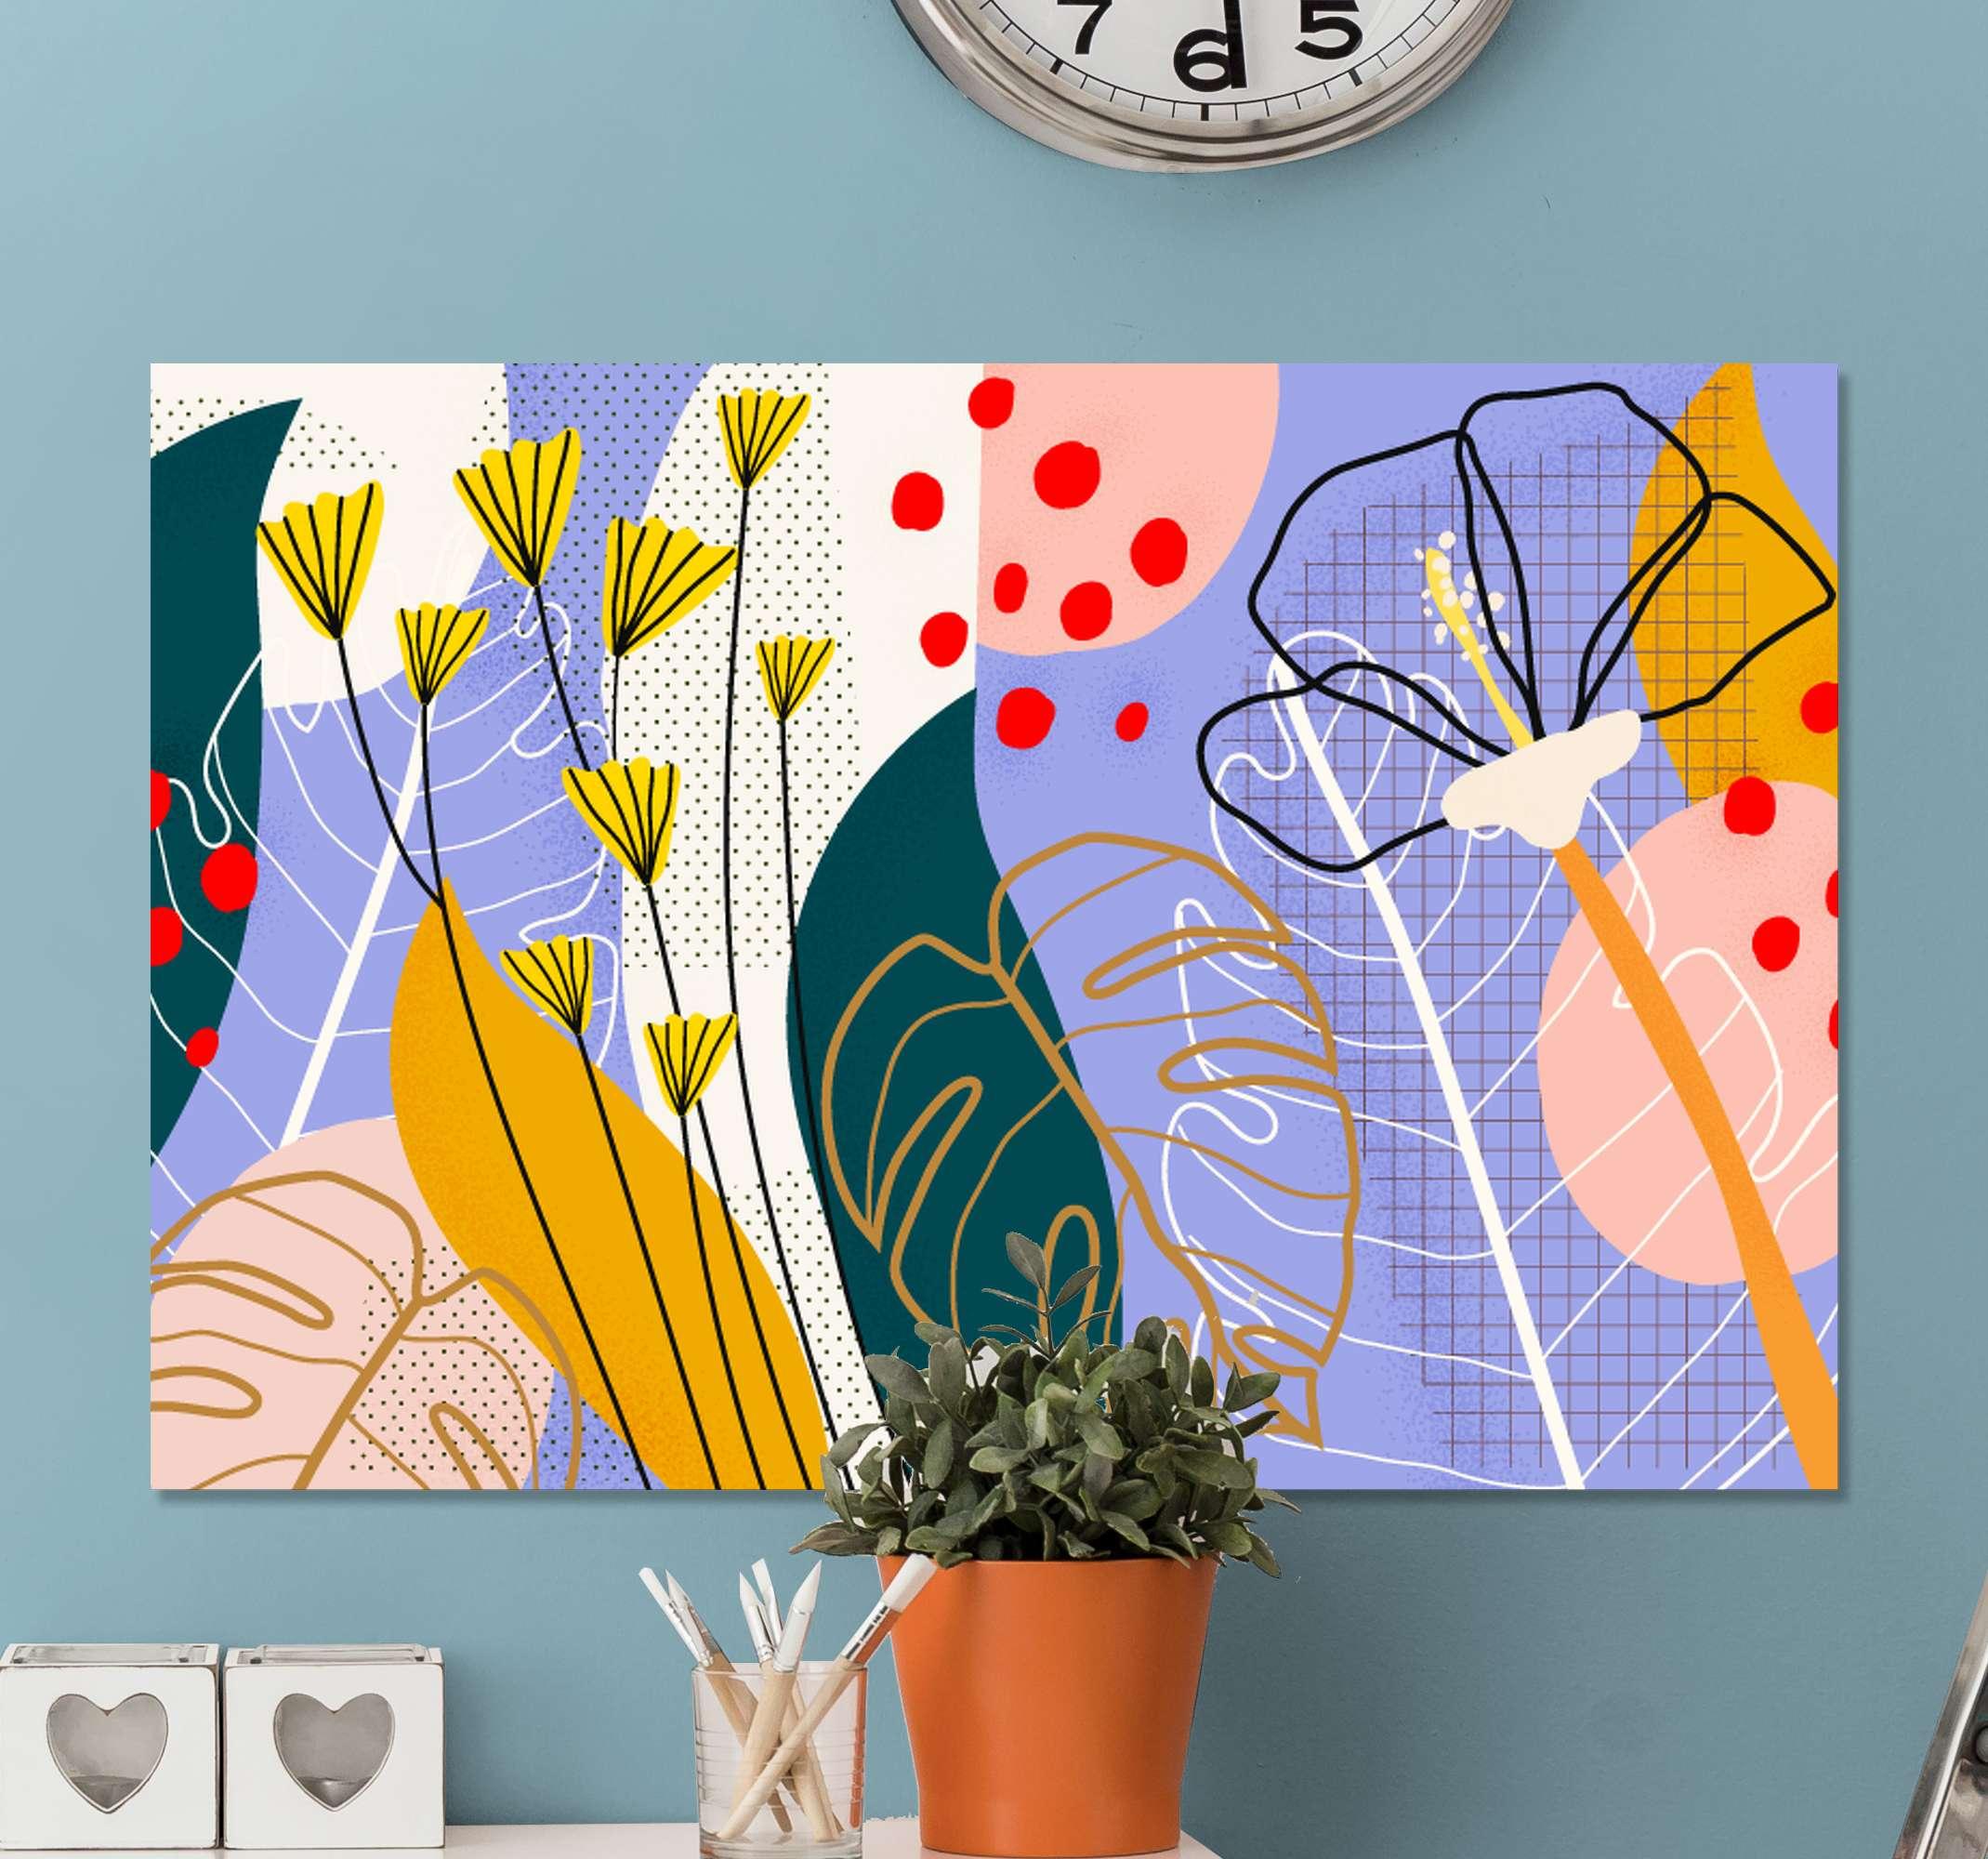 TenStickers. 七彩花朵和叶子画布墙艺术. 用这种原始的抽象植物帆布图案装饰房屋的简单方法。许多不同的颜色将为您的房子增光添彩!